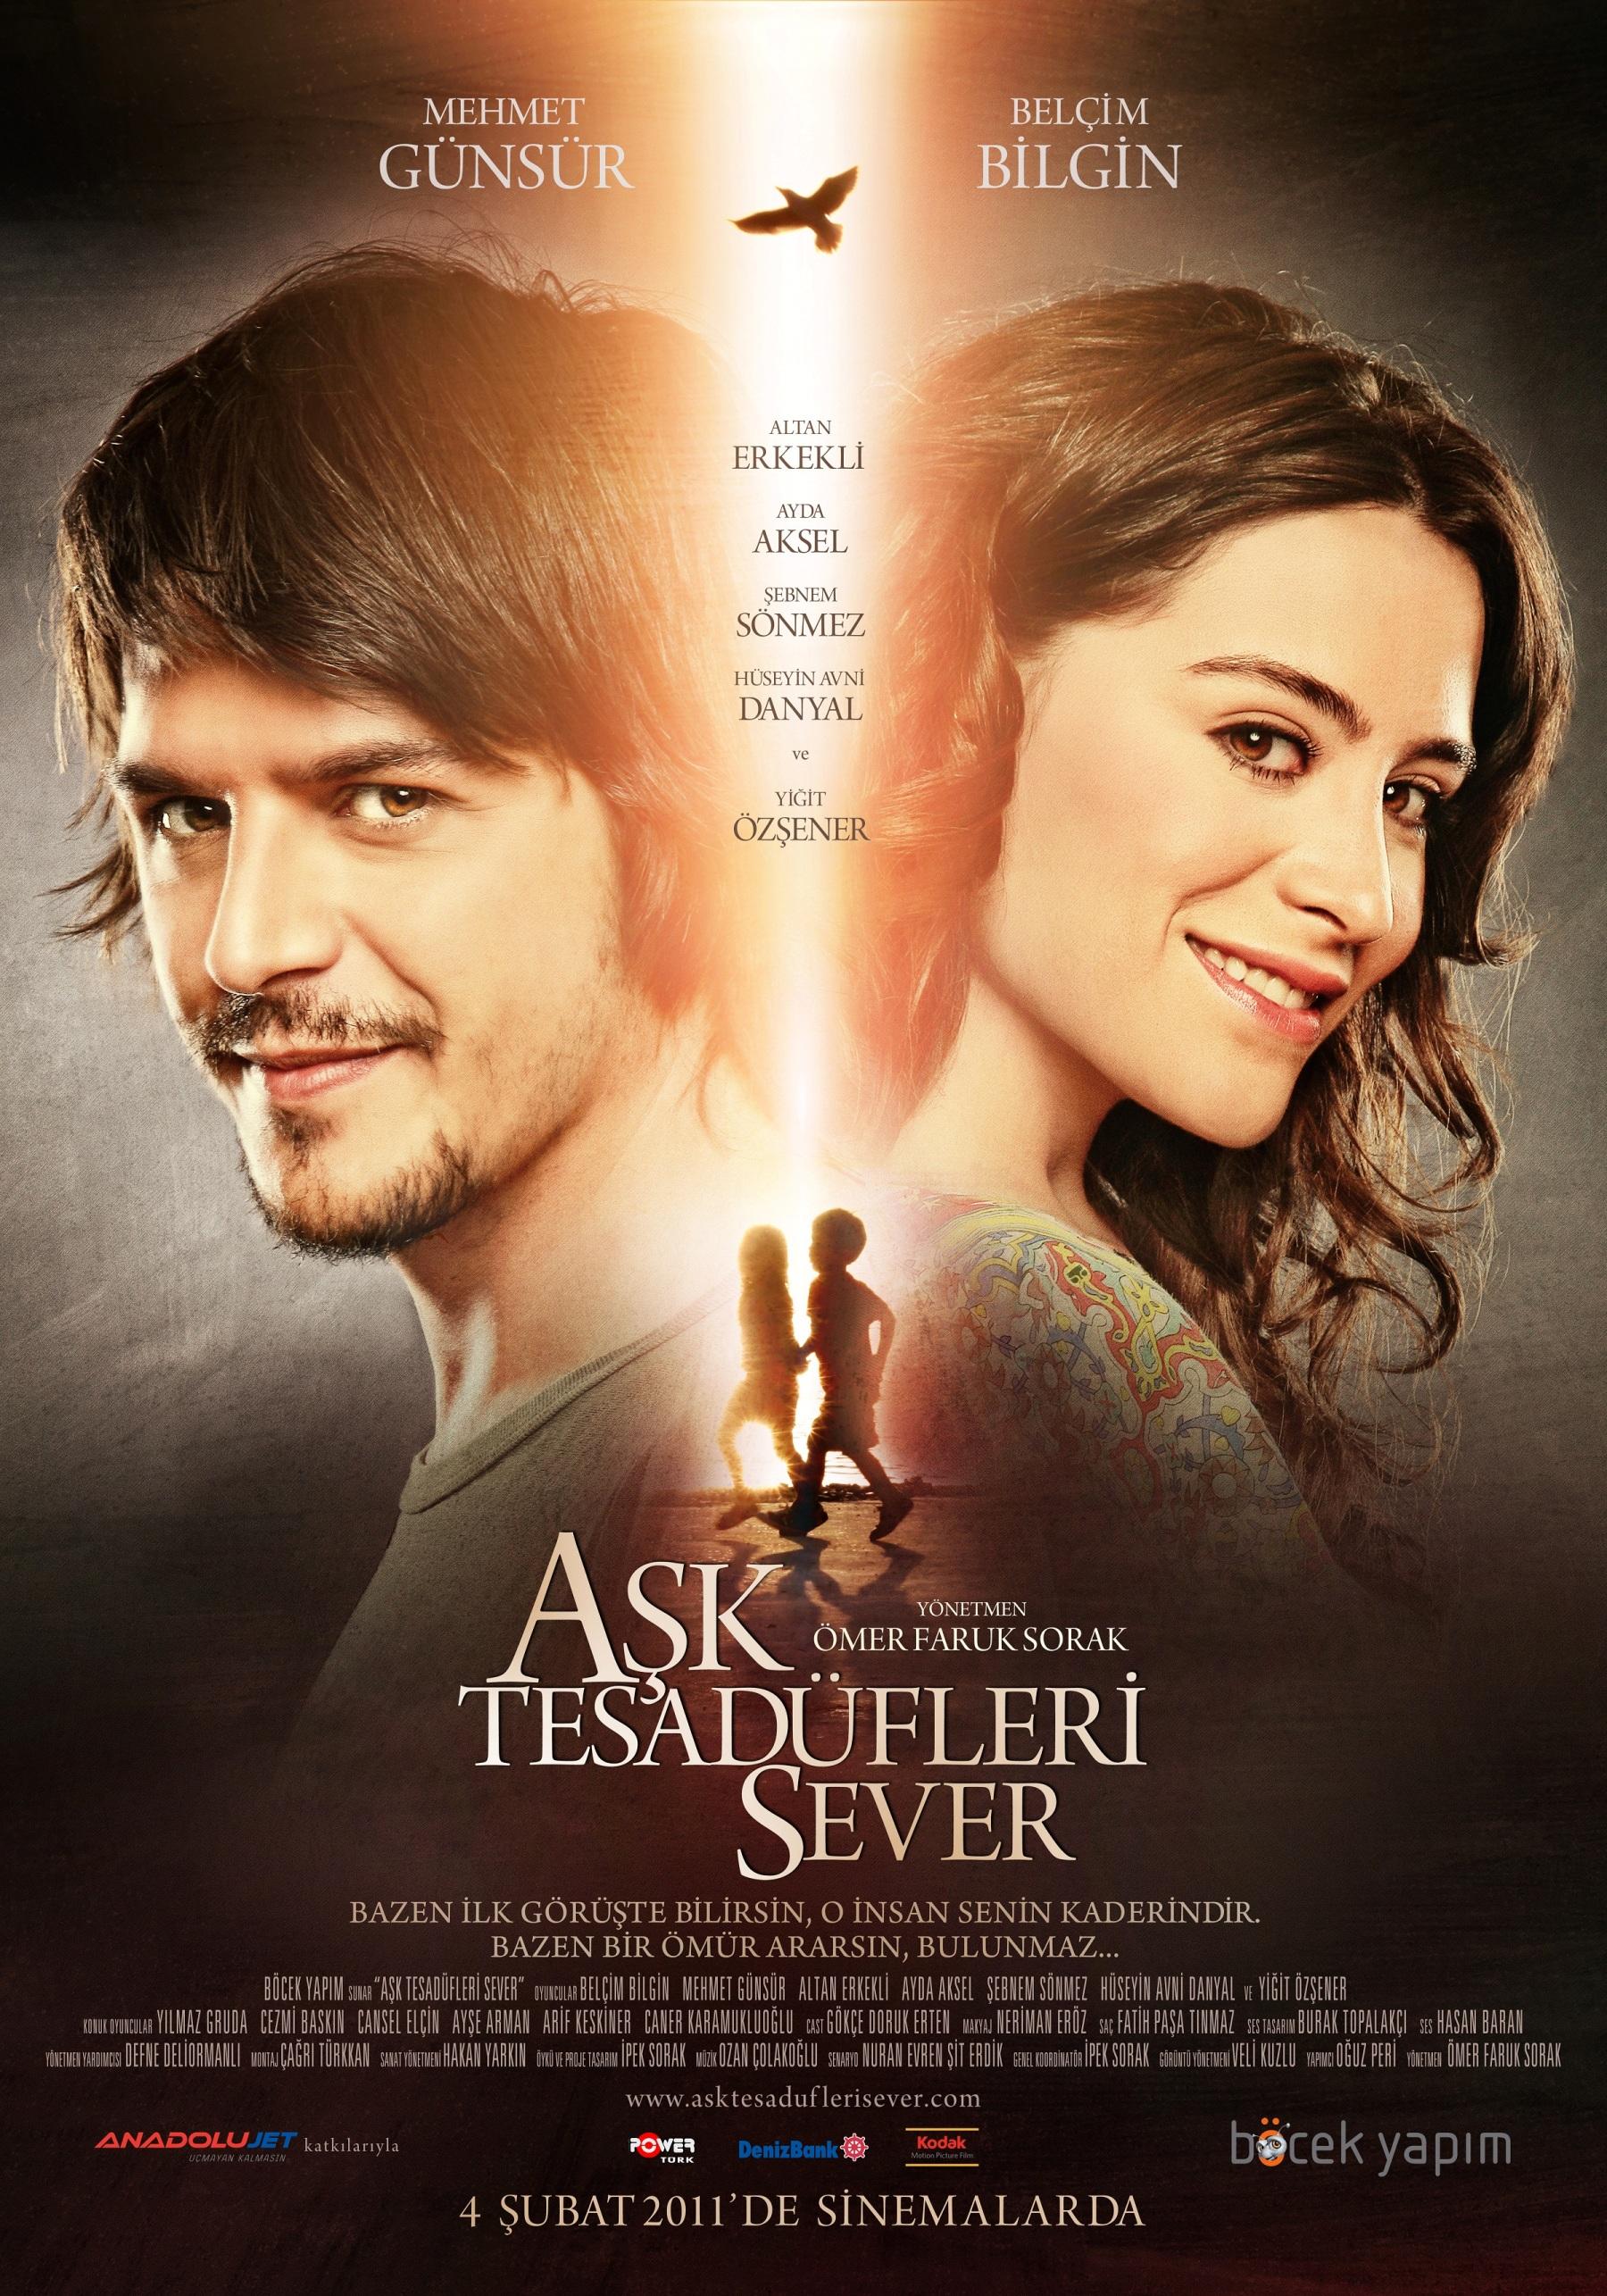 فيلم الحب يعشق الصدف Ask Tesadüfleri Sever